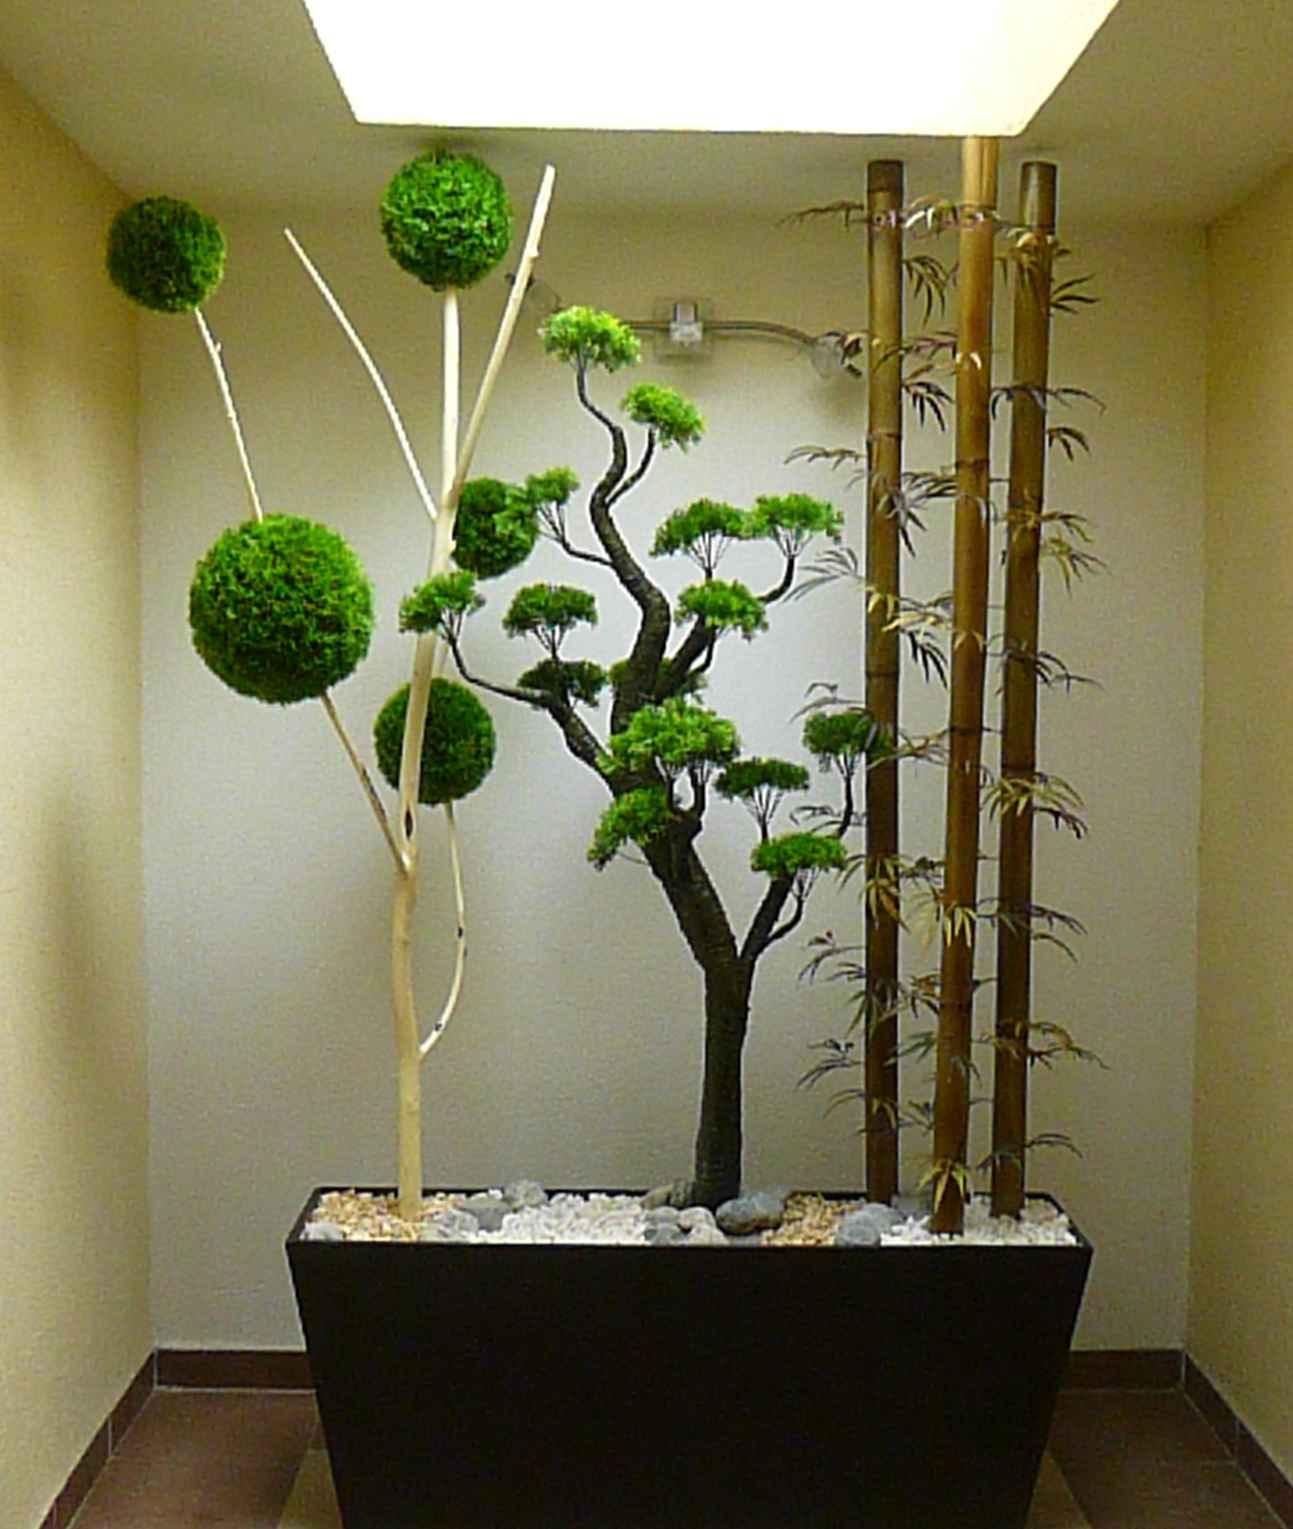 Naturaleza decorativa coyoacan natdeco coyoacan for App decoracion hogar